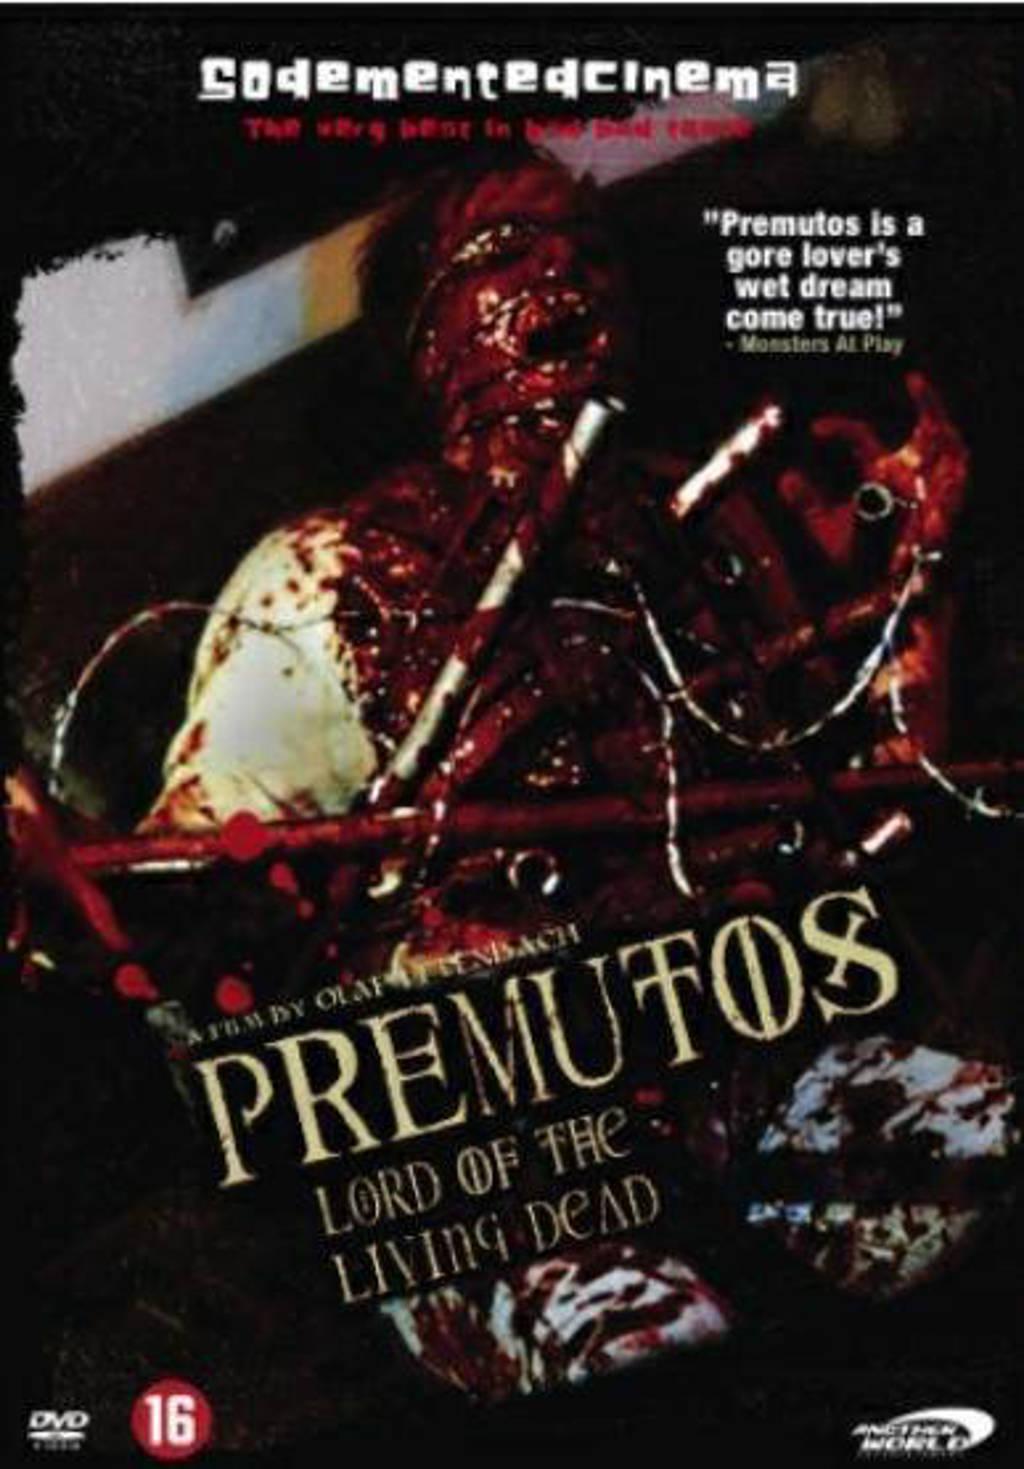 Premutos (DVD)